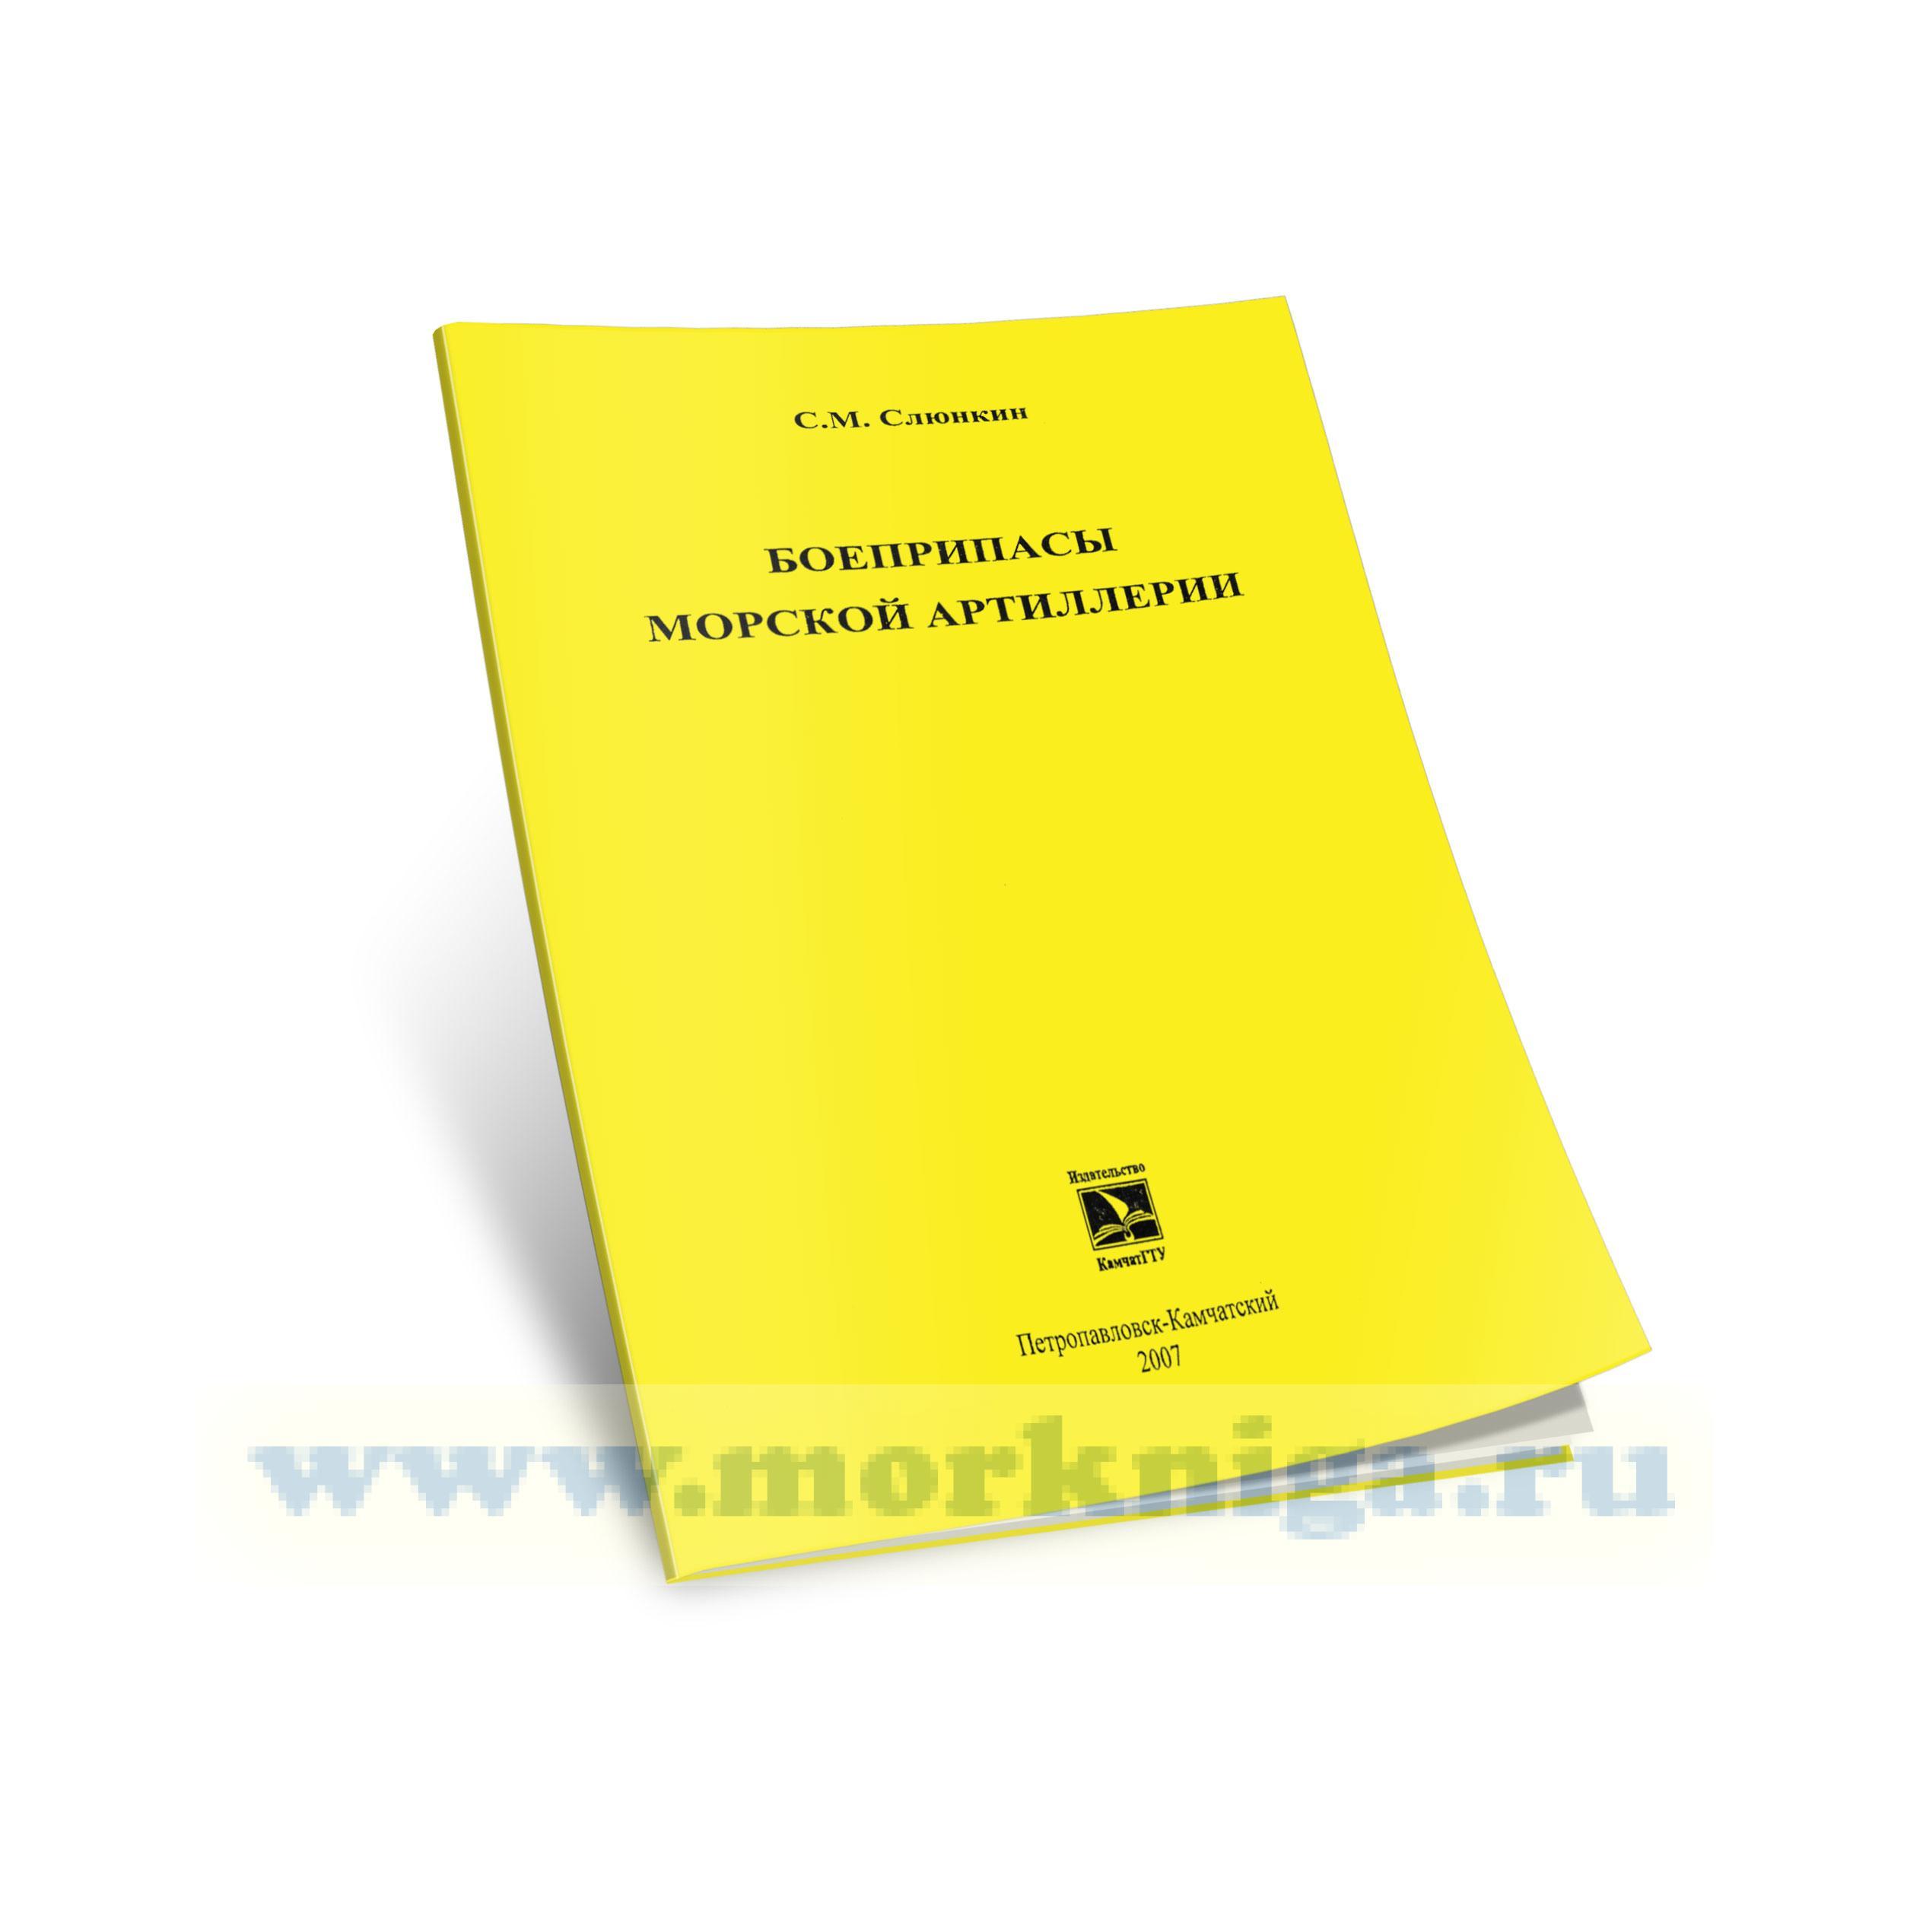 Боеприпасы морской артиллерии: Учебное пособие